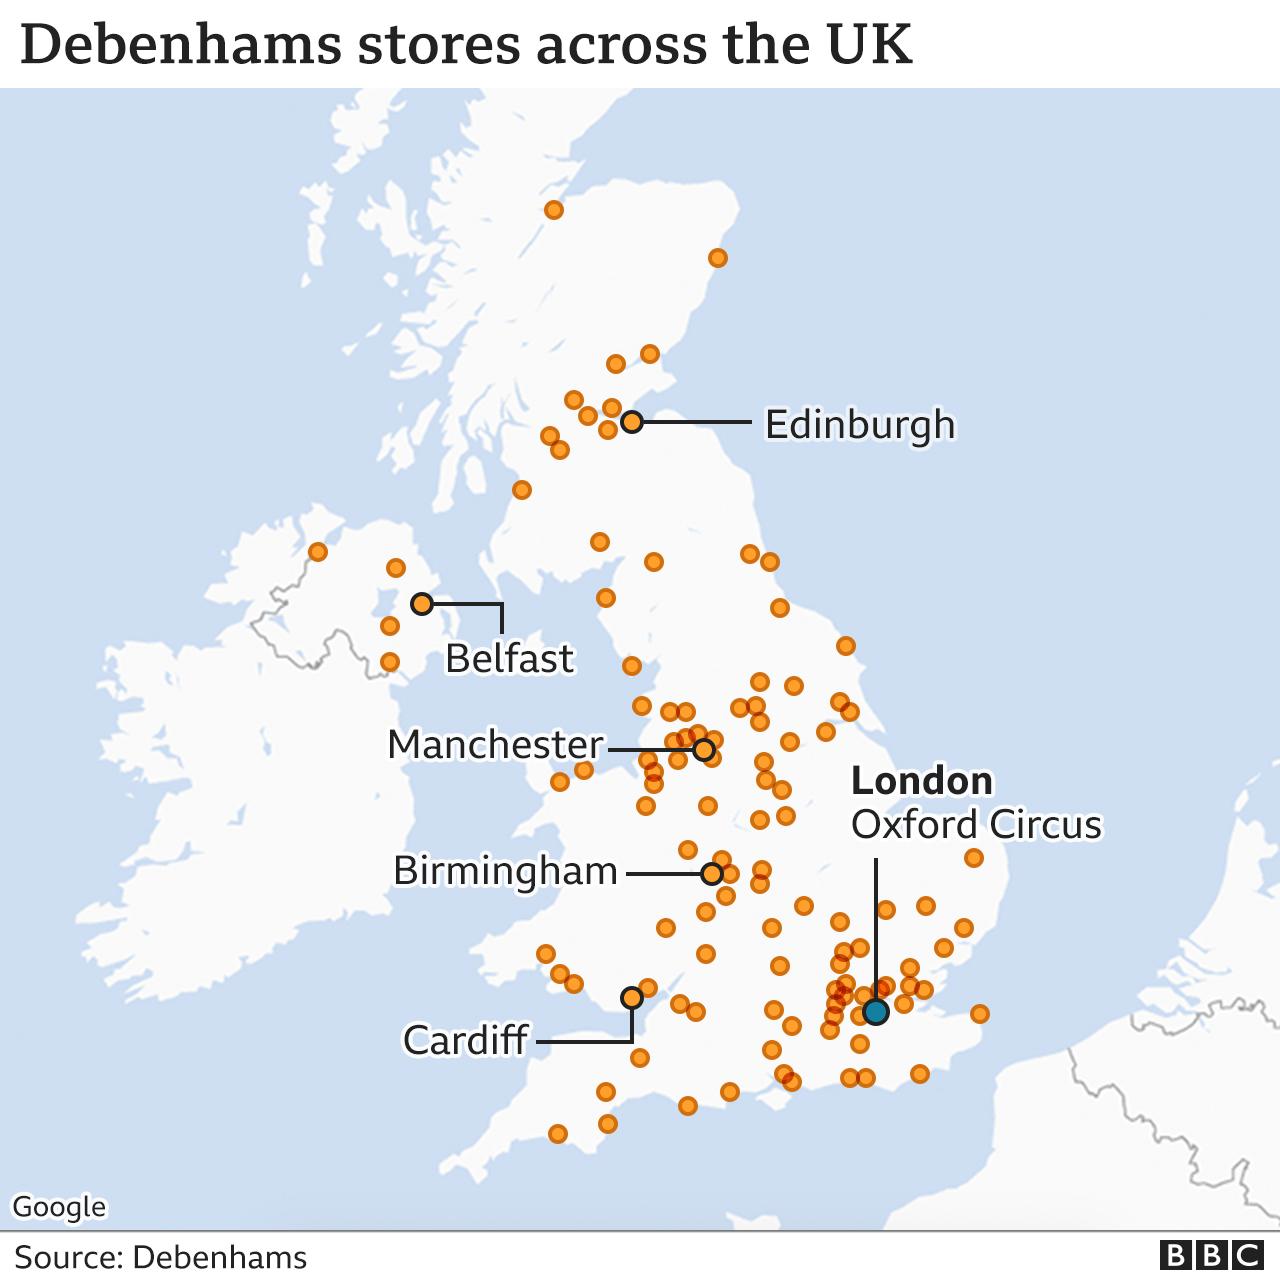 Debenhams stores map